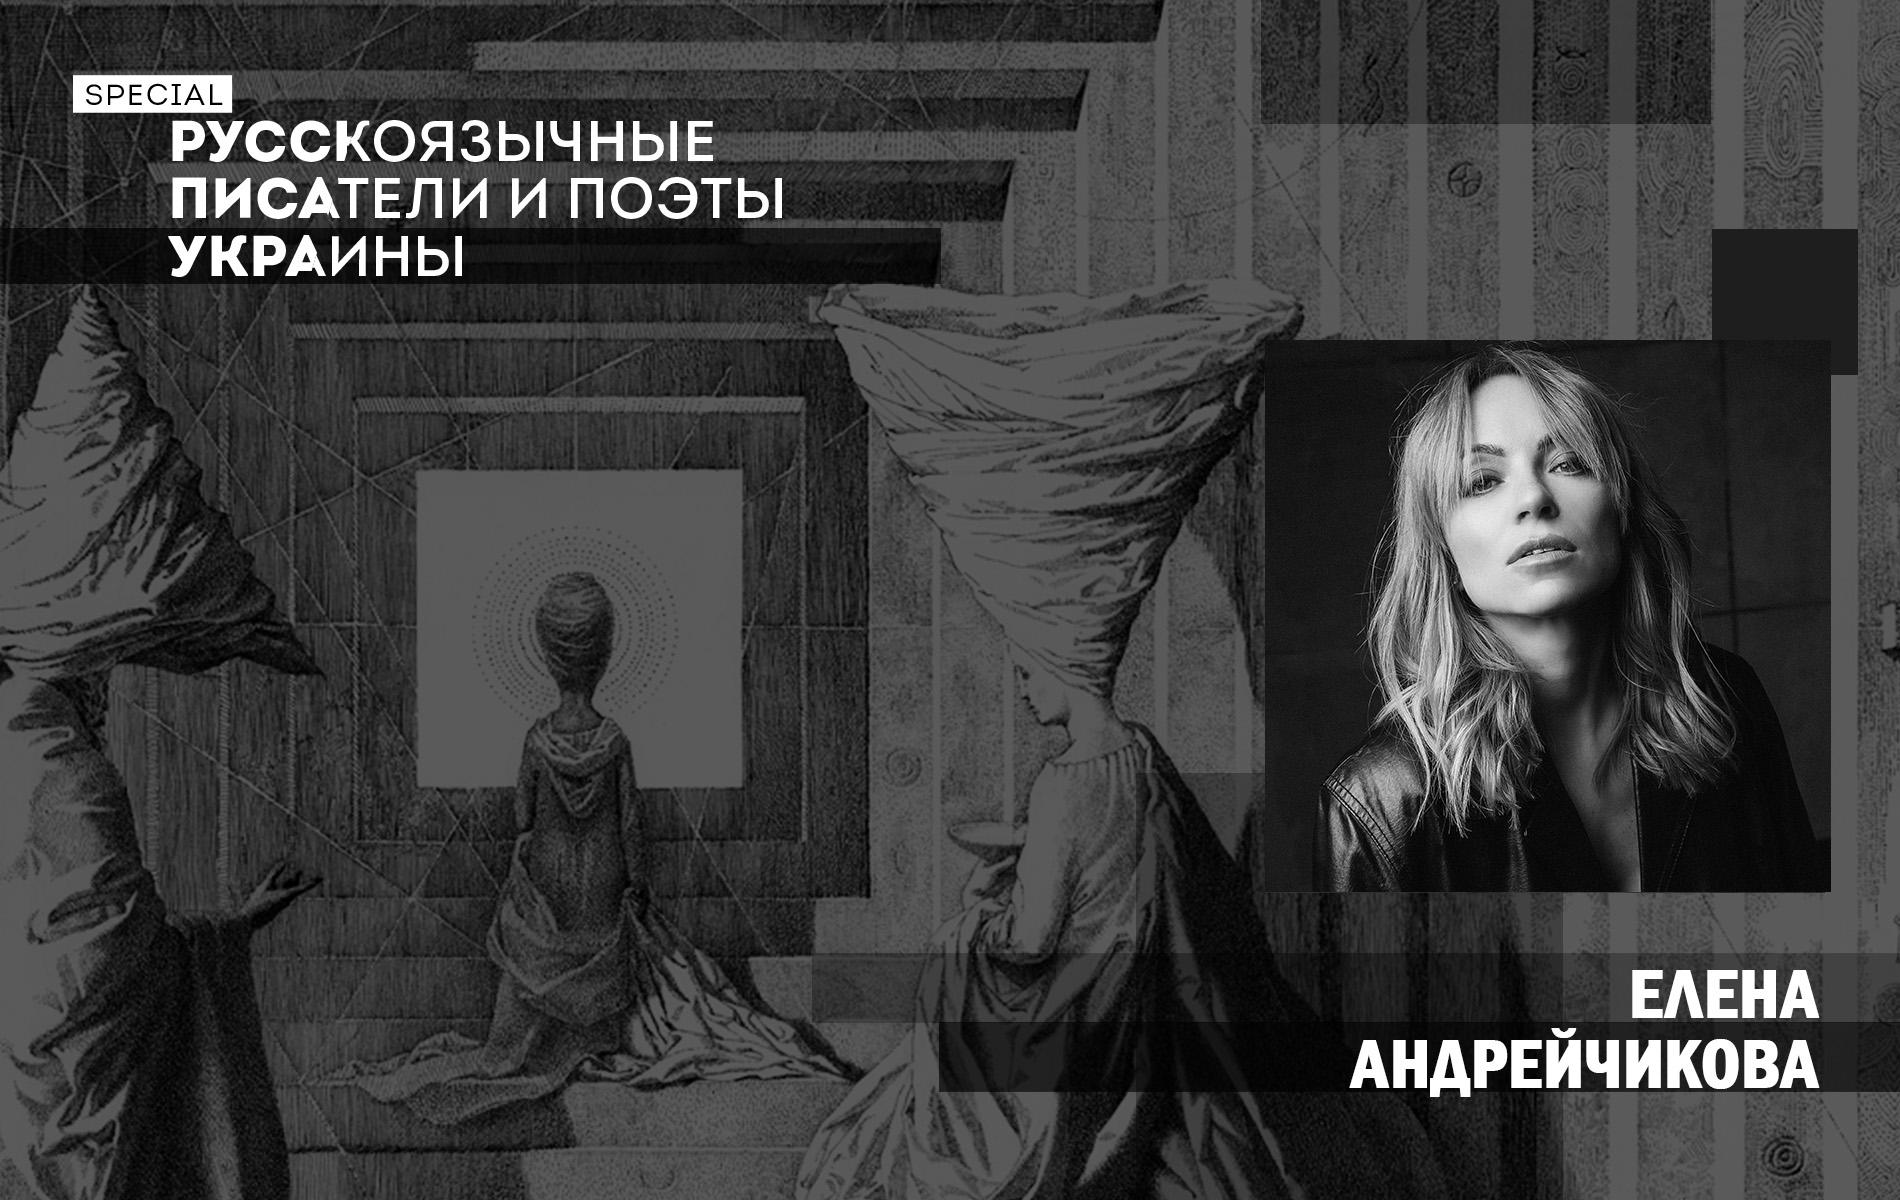 РУССКОЯЗЫЧНЫЕ ПИСАТЕЛИ И ПОЭТЫ УКРАИНЫ: творческое досье Елены Андрейчиковой